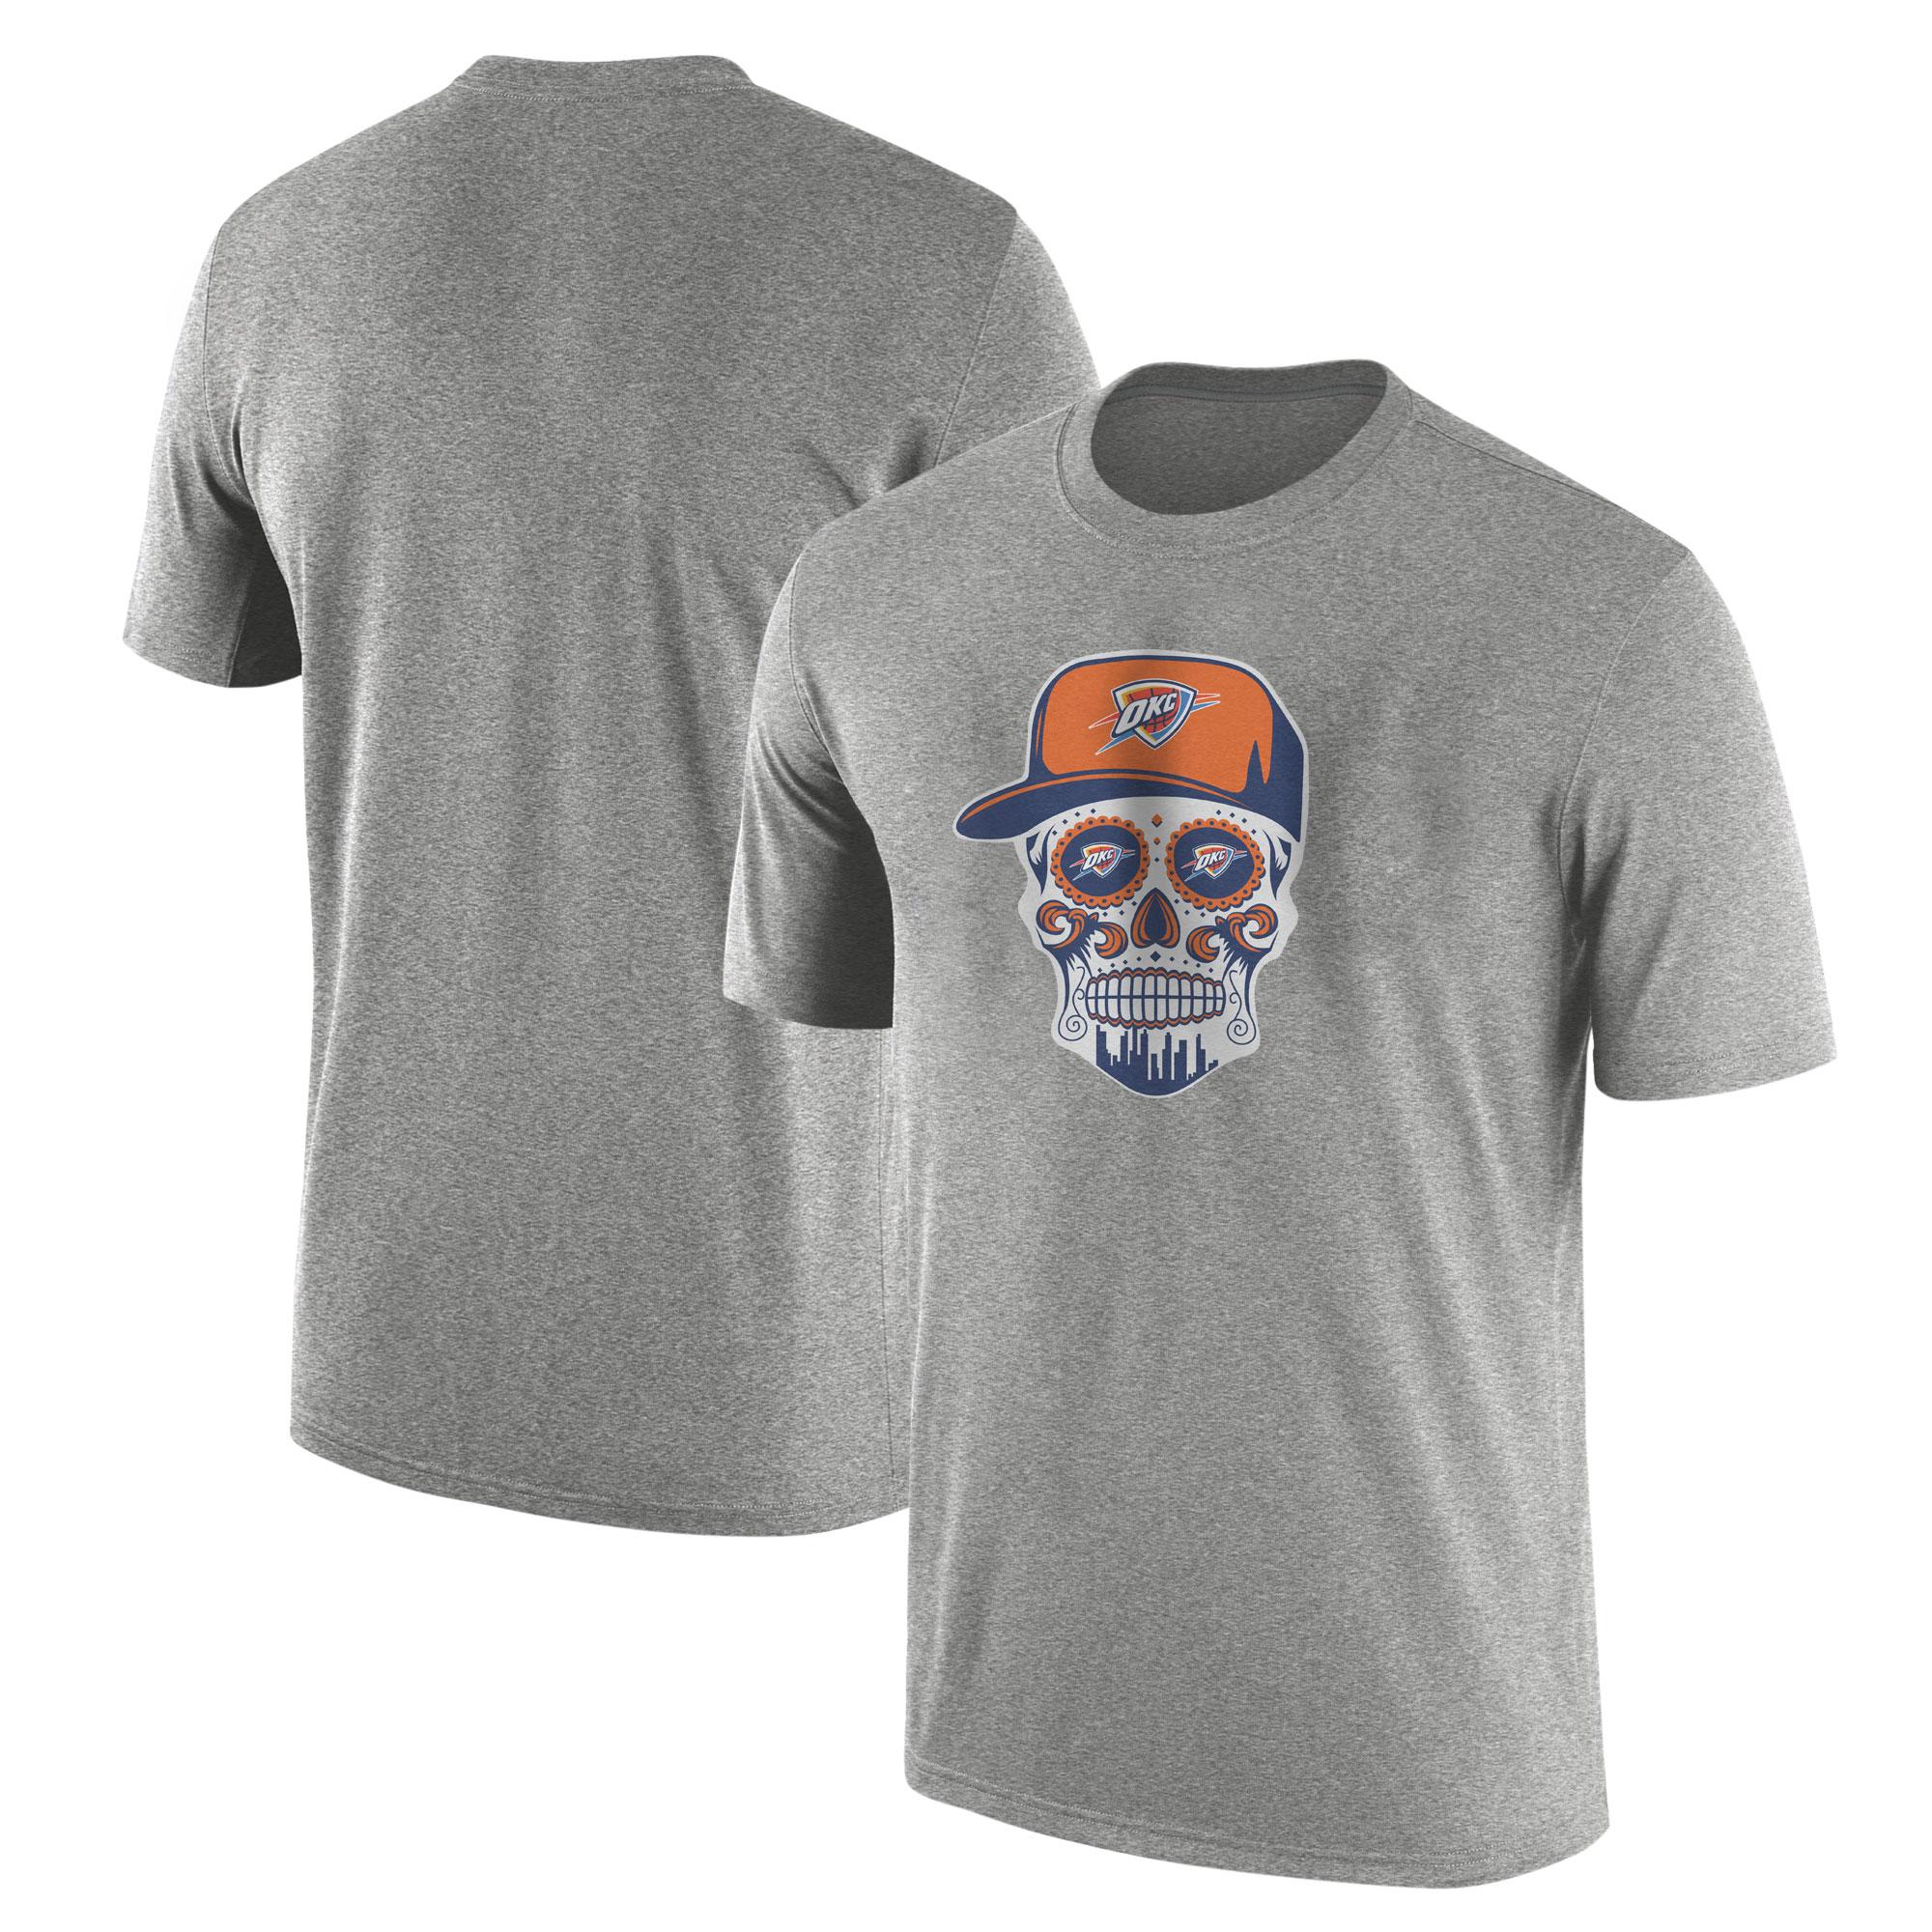 Thunder Skull Tshirt (TSH-GRY-NP-459-NBA-OKC-SKULL)